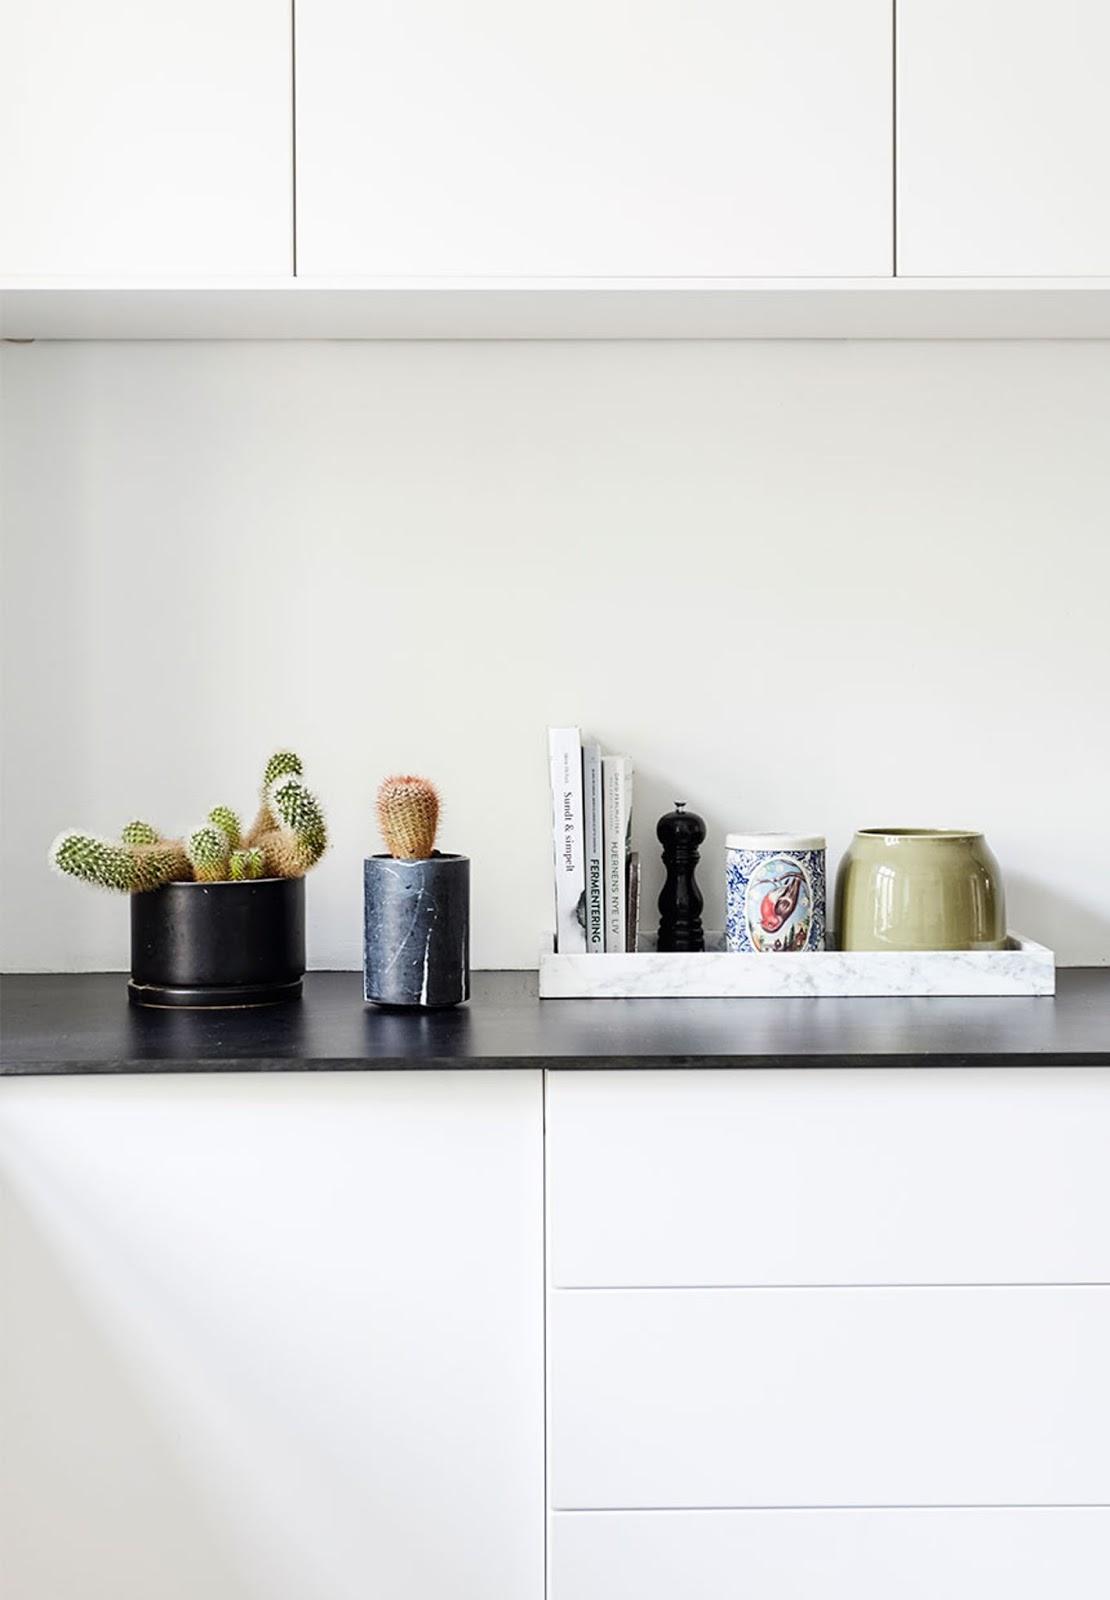 cactus, minimalist kitchen